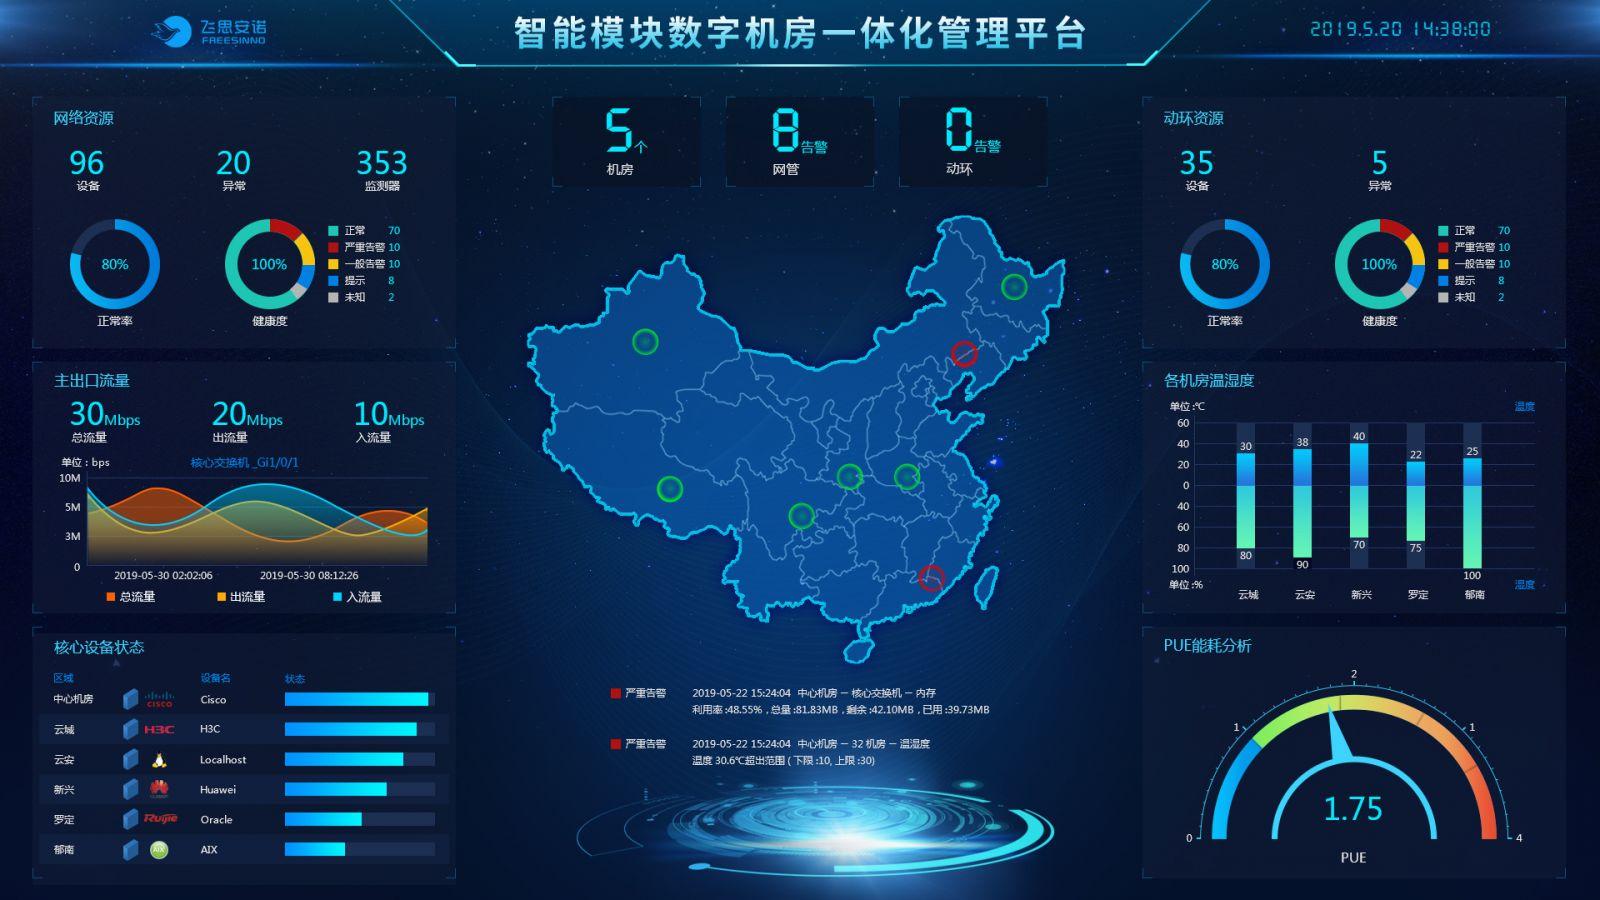 广州国家税务局网_等保2.0 - 深圳飞思安诺网络技术有限公司官网